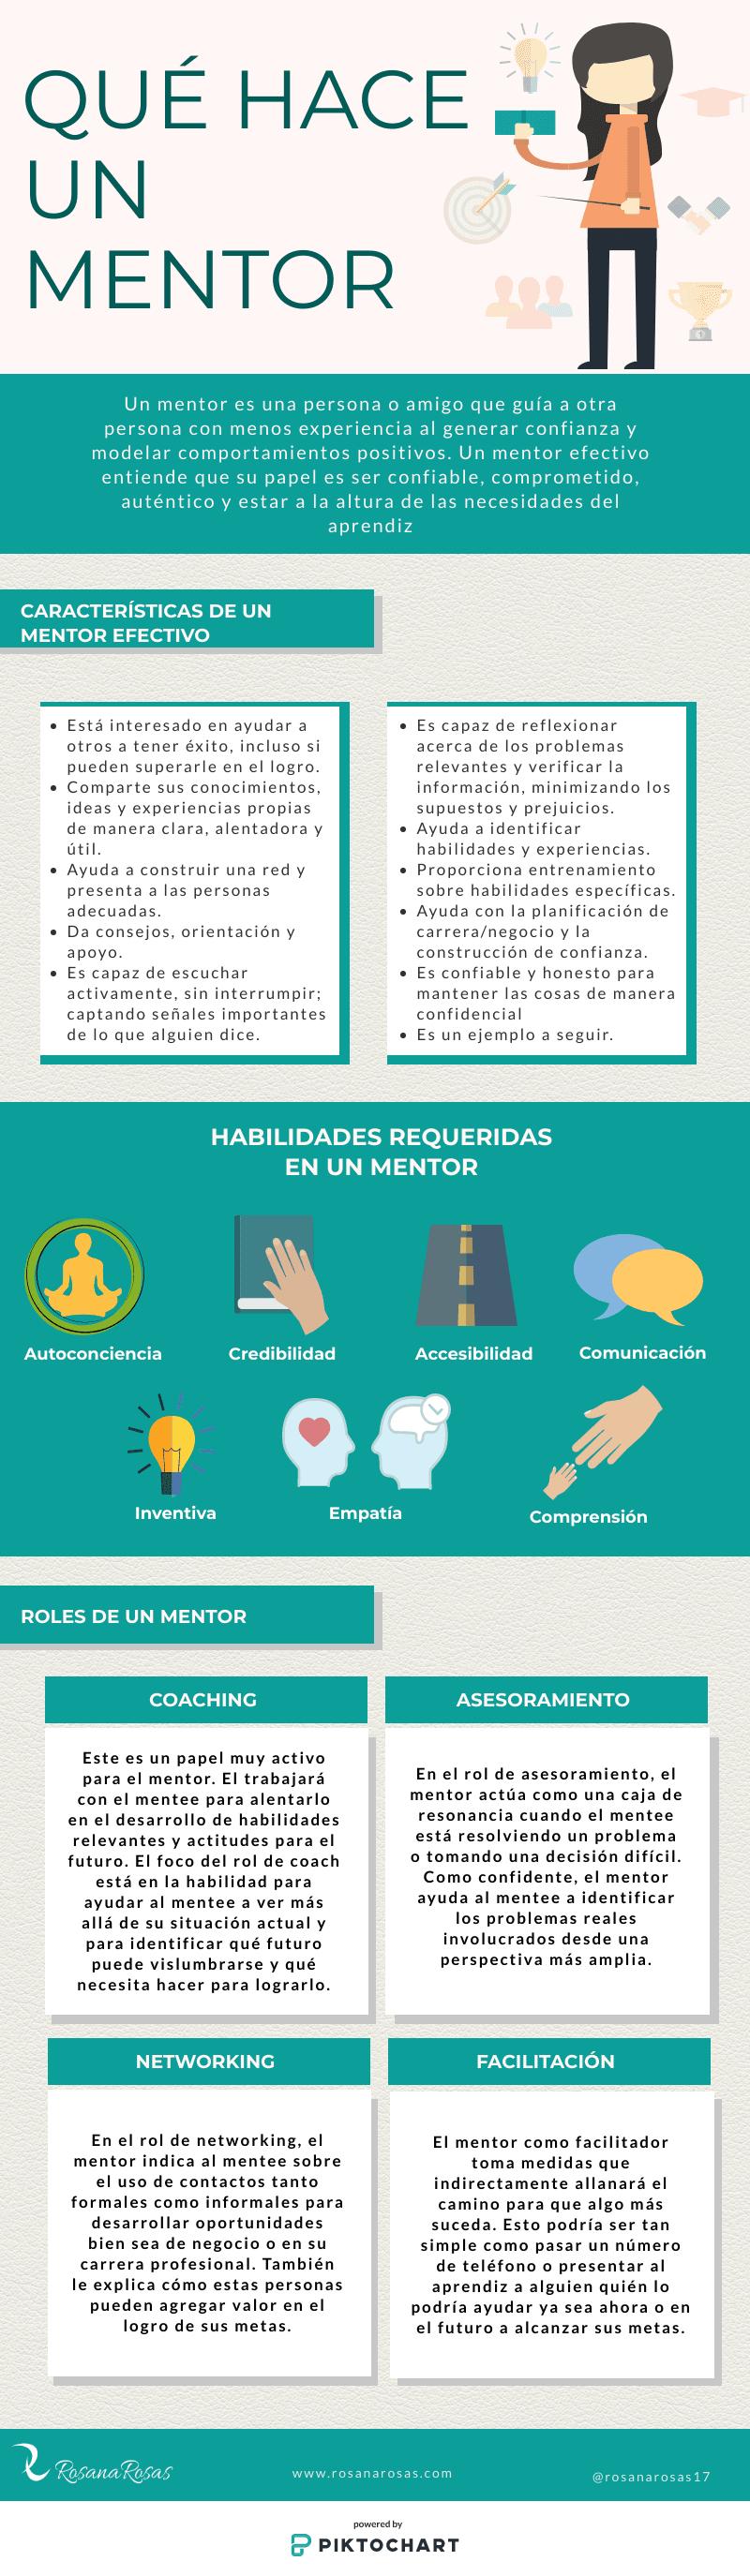 Qué hace un Mentor